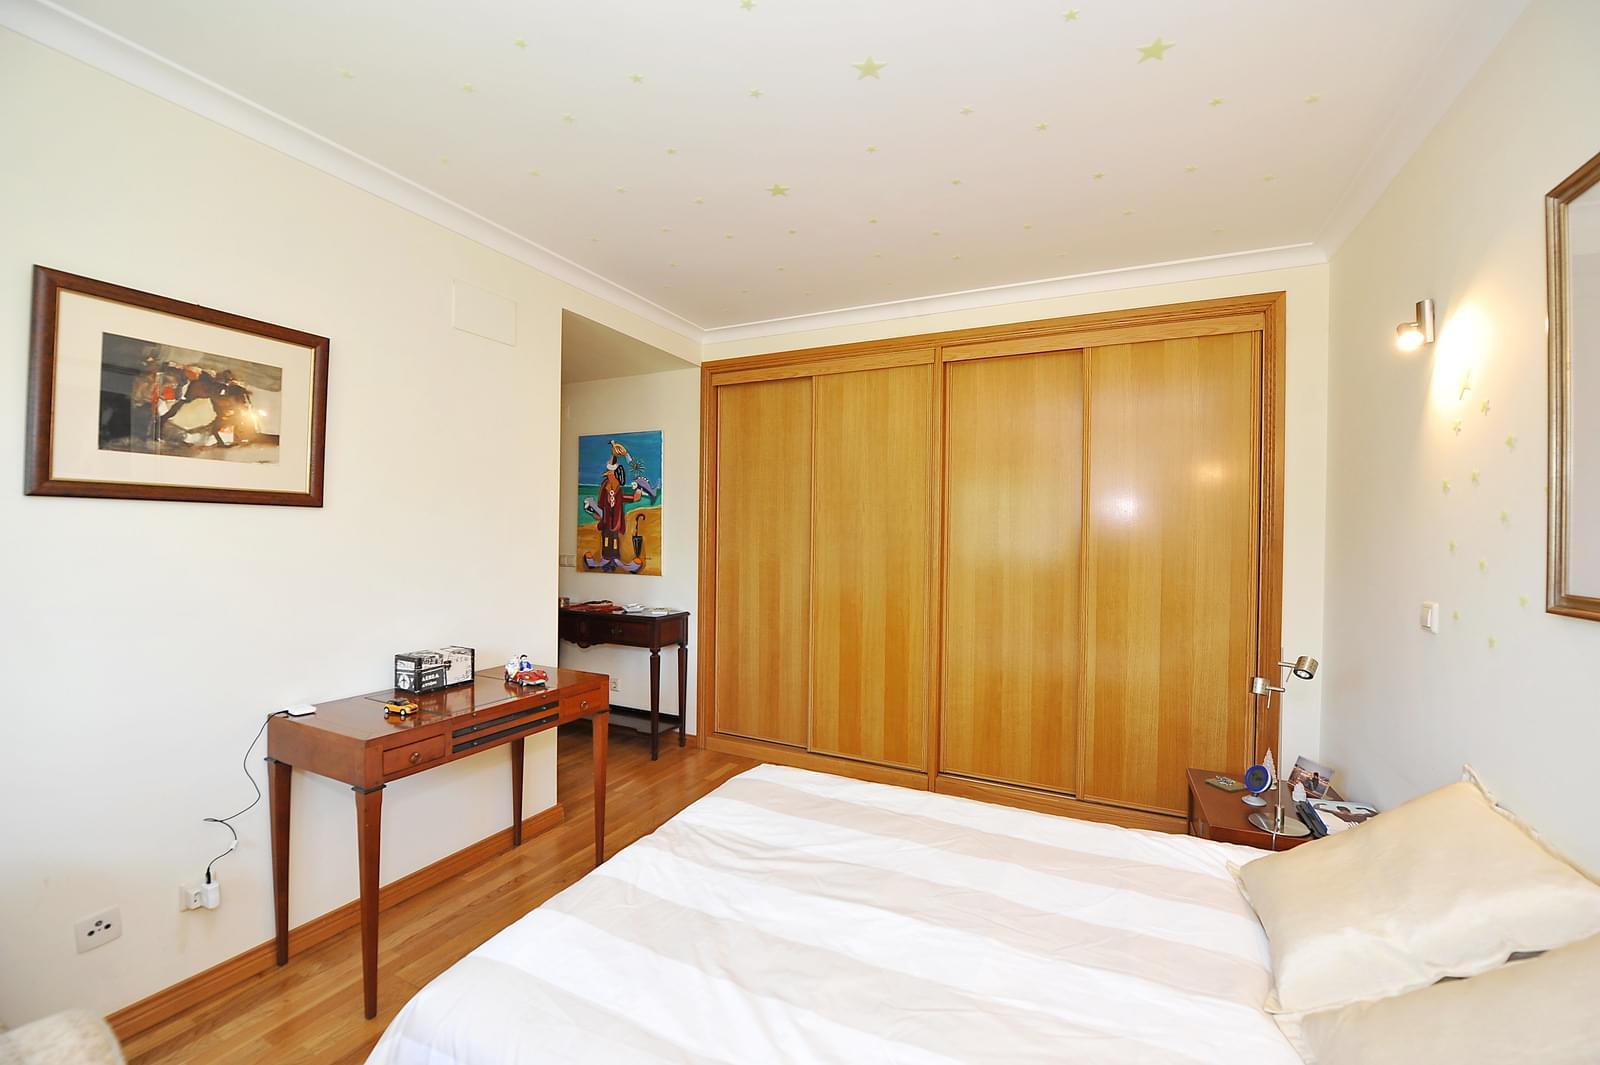 pf17941-apartamento-t3-oeiras-3936abdc-02f2-4e37-906b-c6e019c95e84